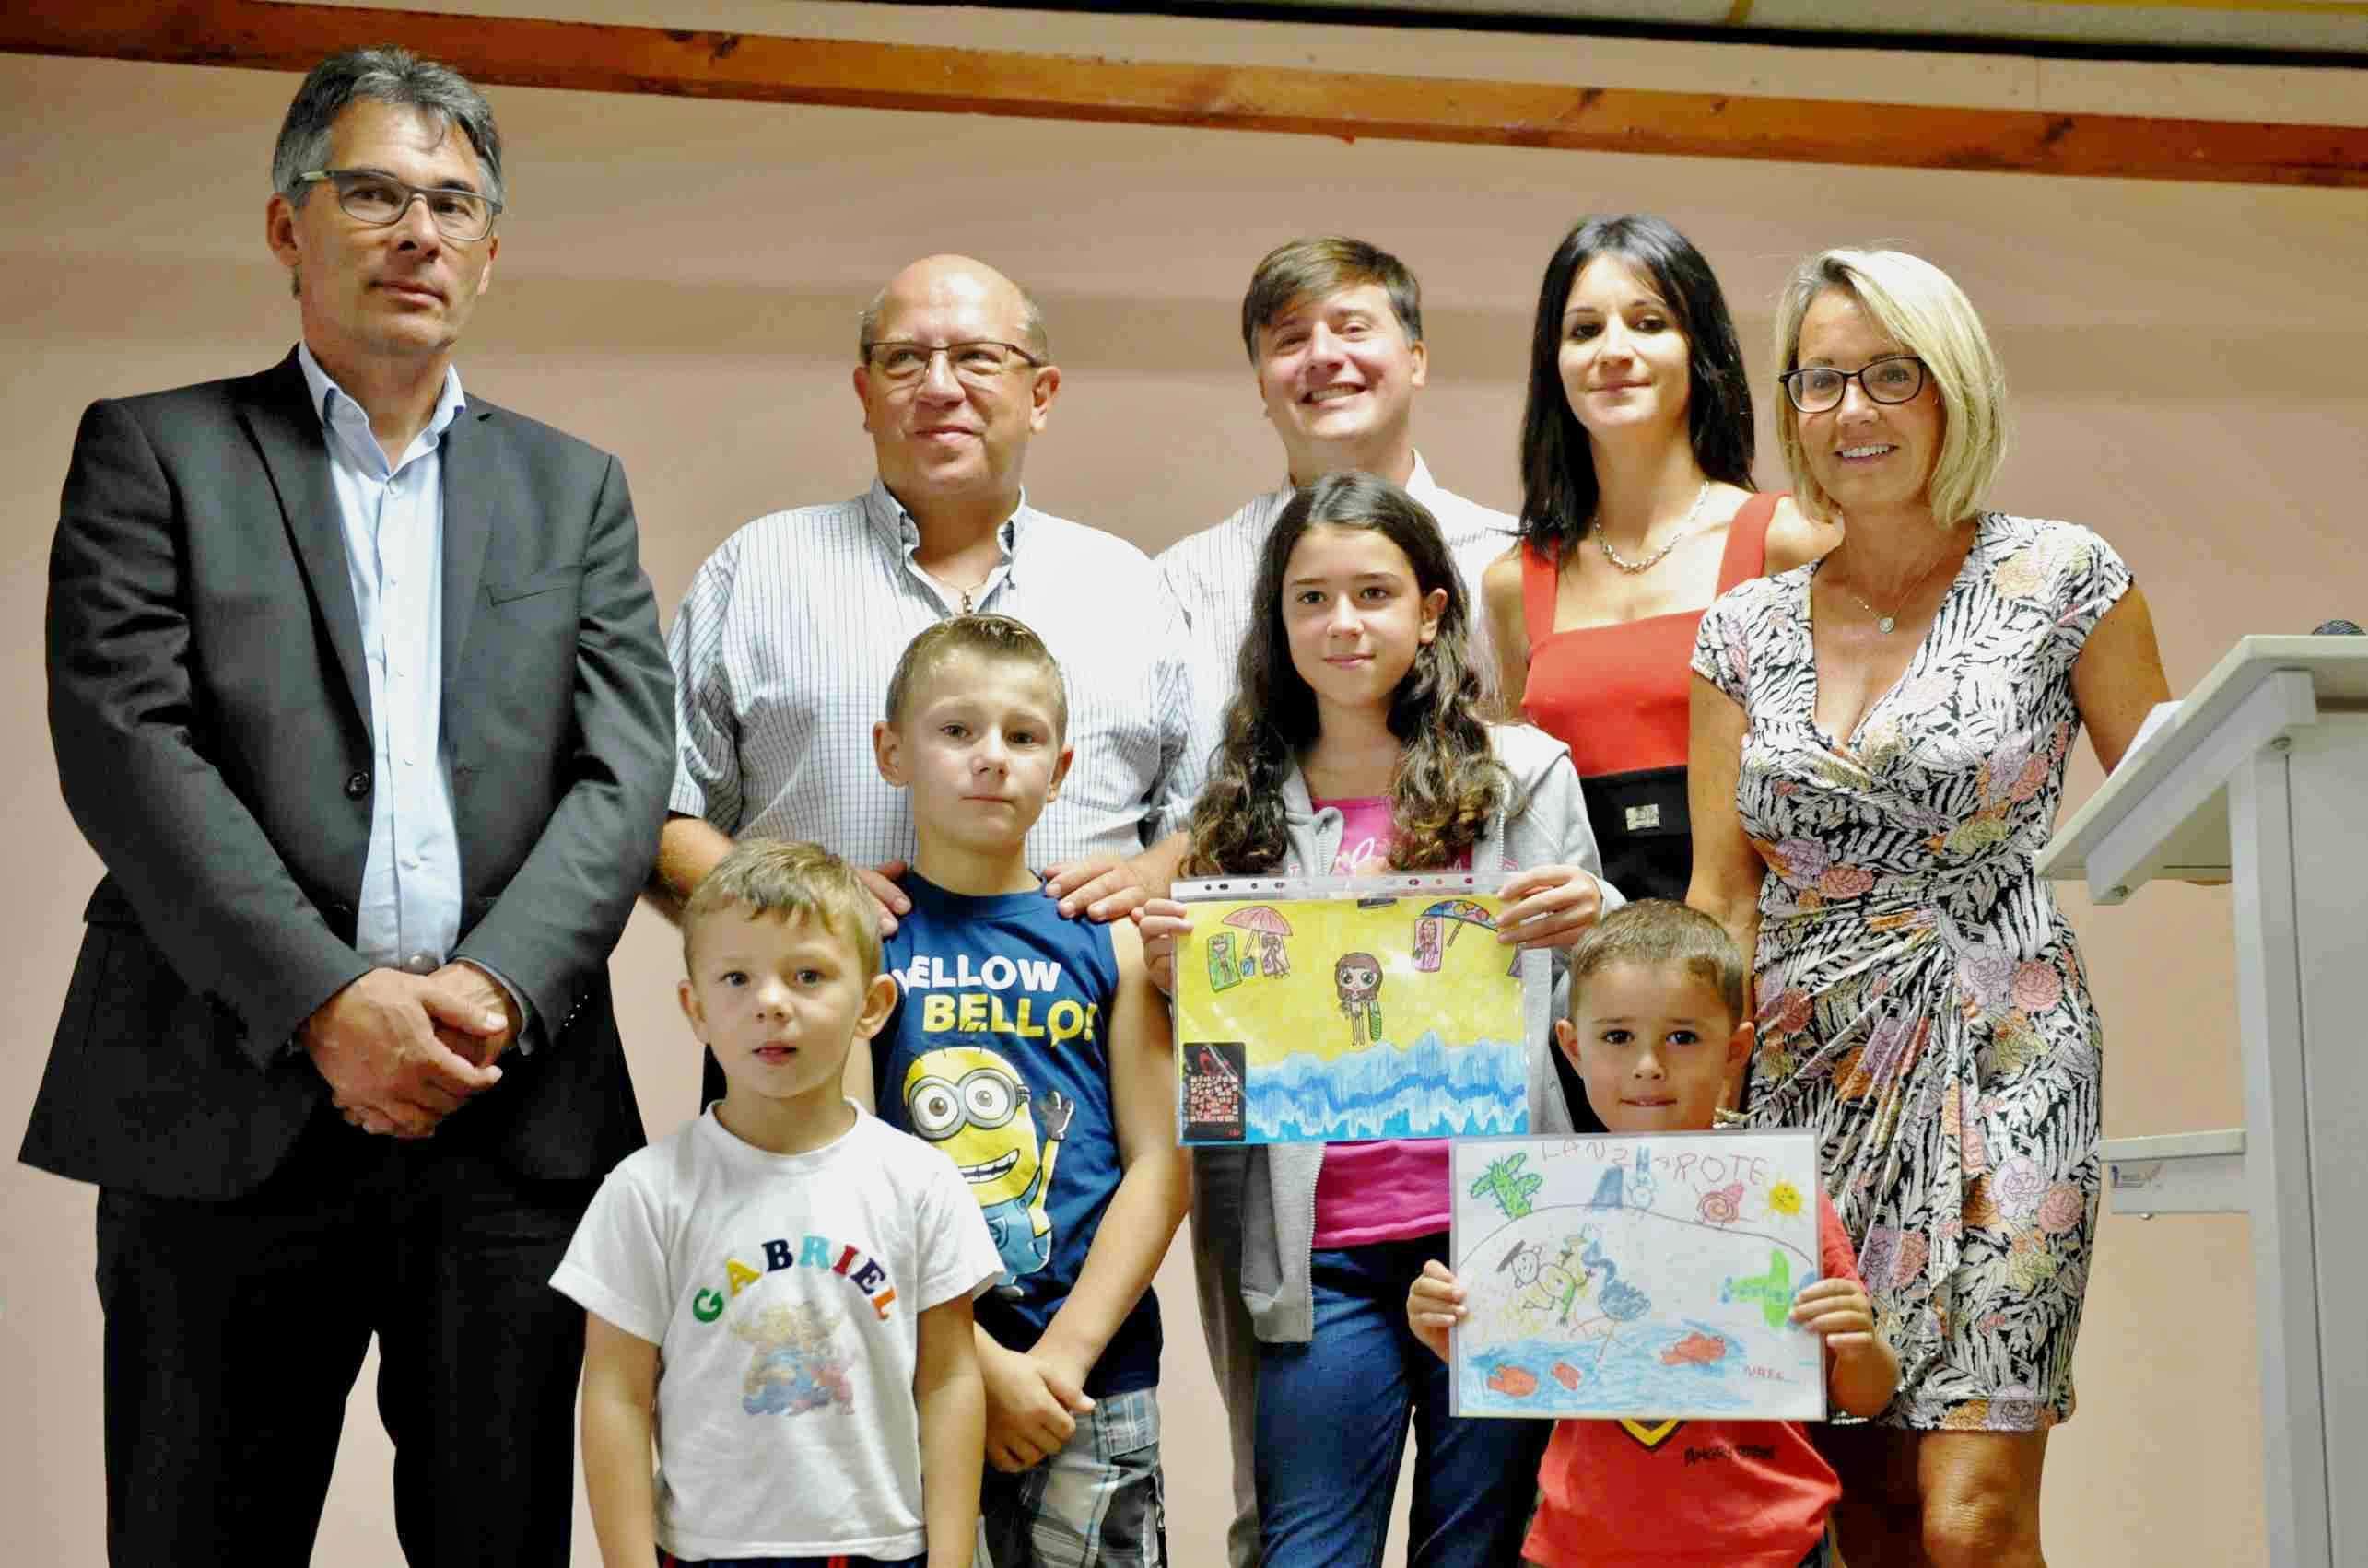 Les élus avec les lauréats des concours lancés par la commune. De gauche à droite : Gabriel et Maxence Martin, Emilie Lefour et Nael qui a passé ses vacances à Lanzarote (Canaries, Espagne).